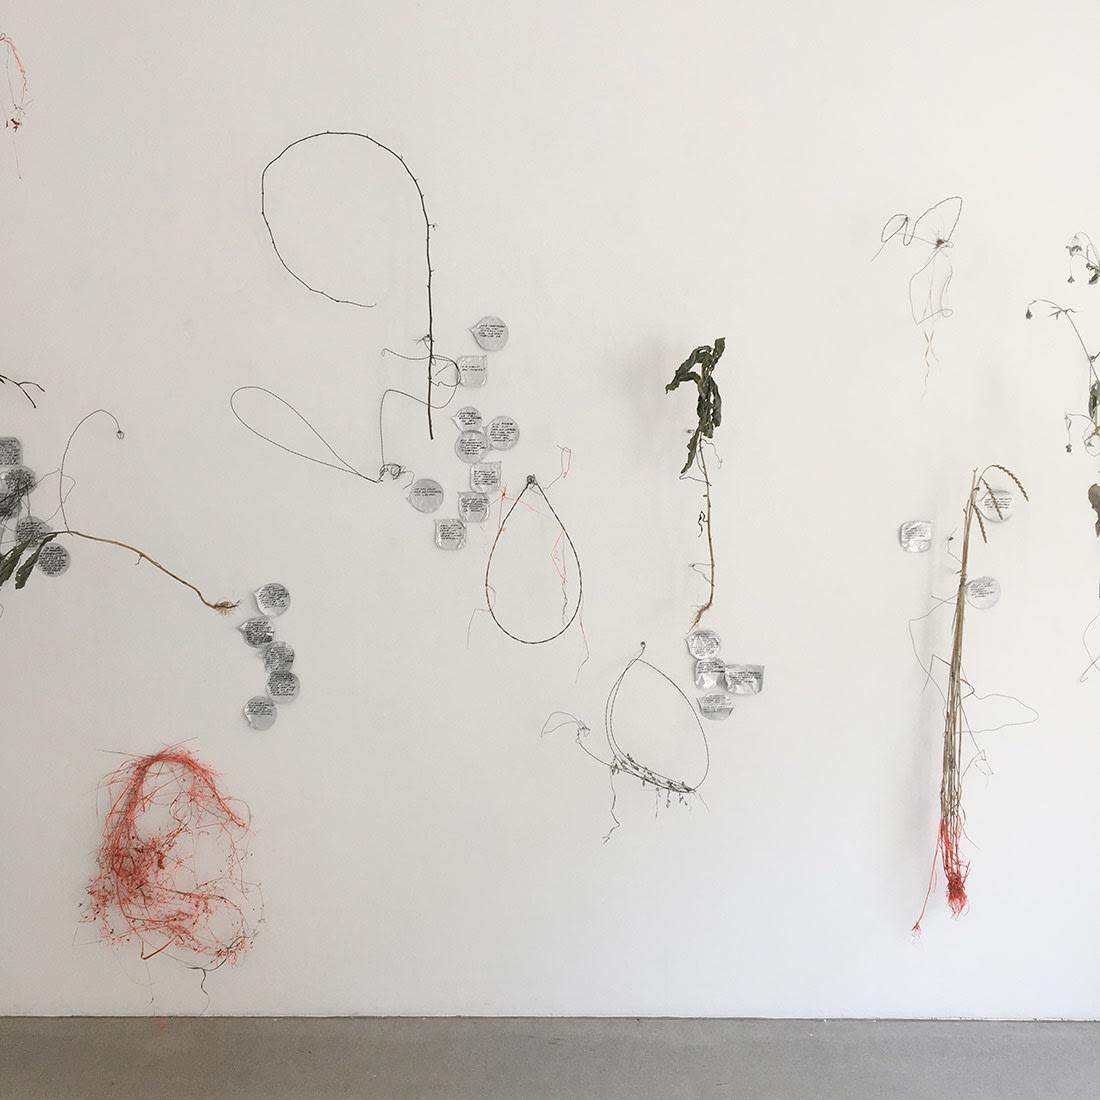 iris andraschek gallery raum mit licht installation